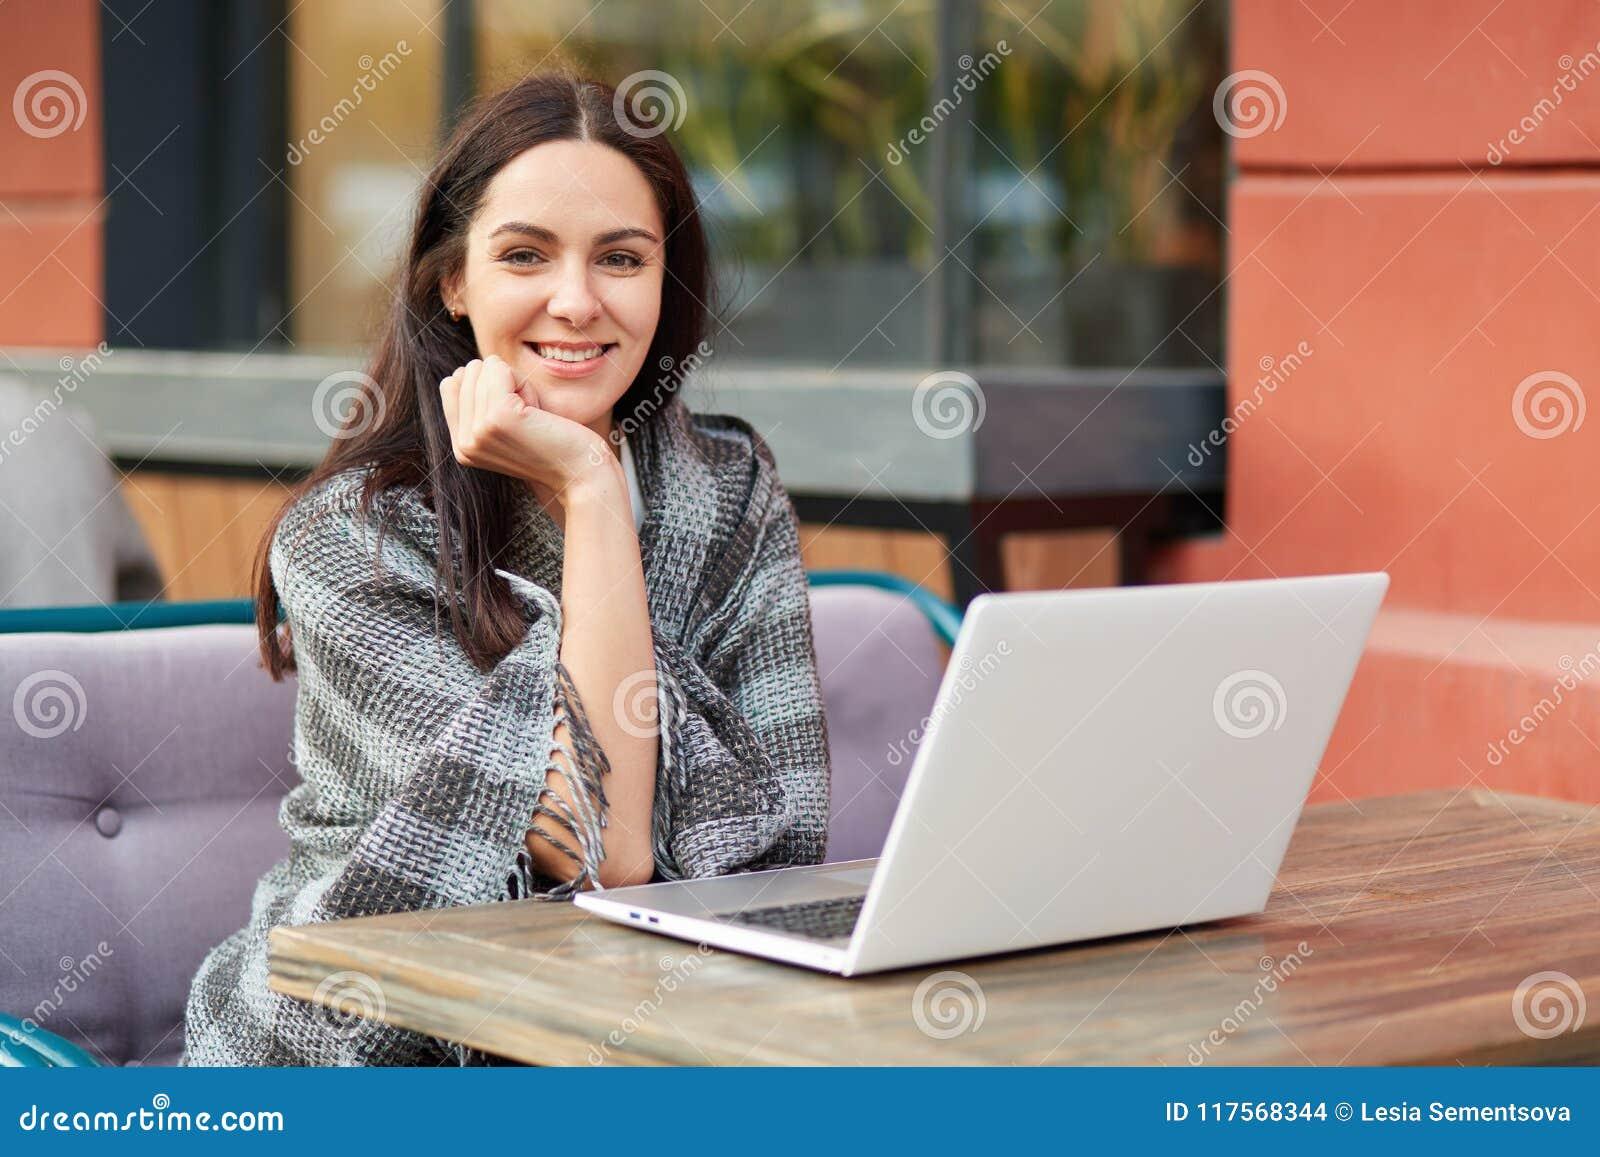 Het opgetogen mooie vrolijke vrouwelijke model freelancer, denkt over idee voor publicatie, gebruikt laptop computer, binnen doet